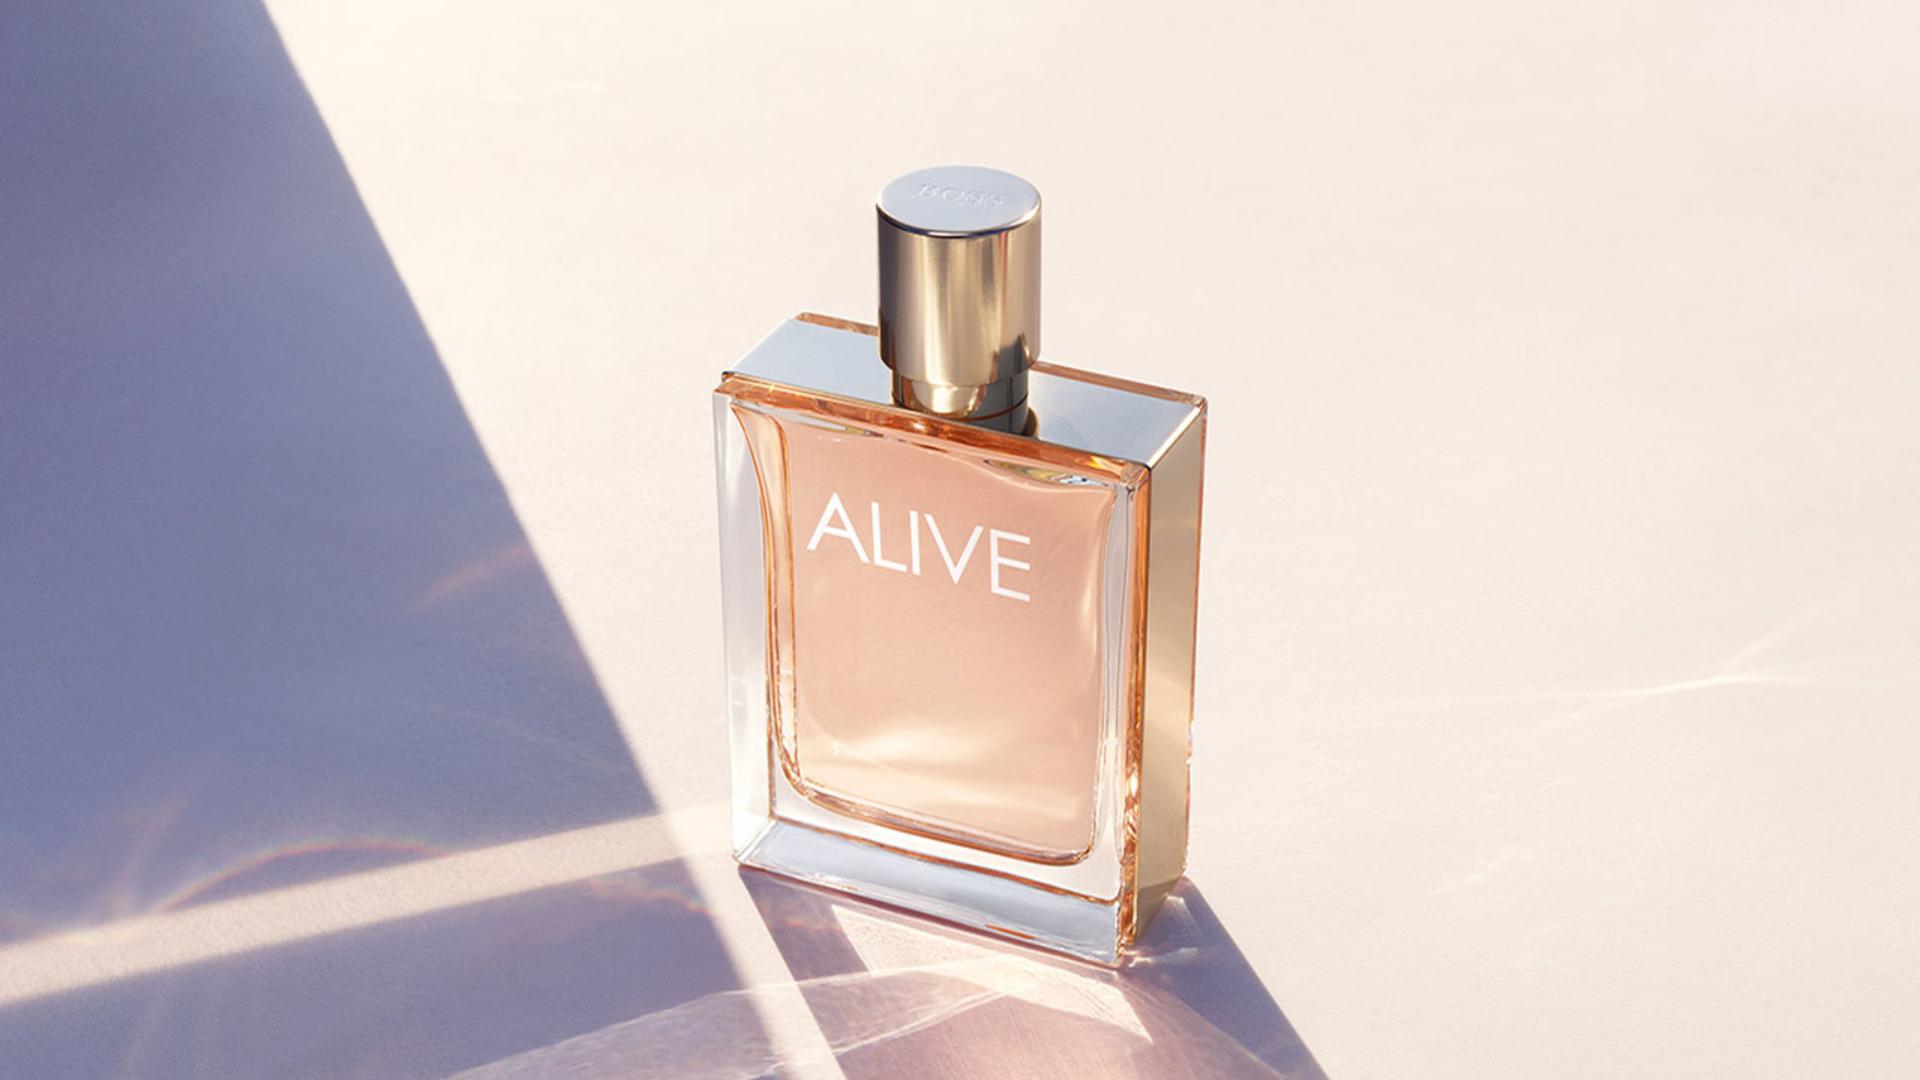 Los nuevos perfumes de 2021 para mujeres: ¿cuáles elegir?